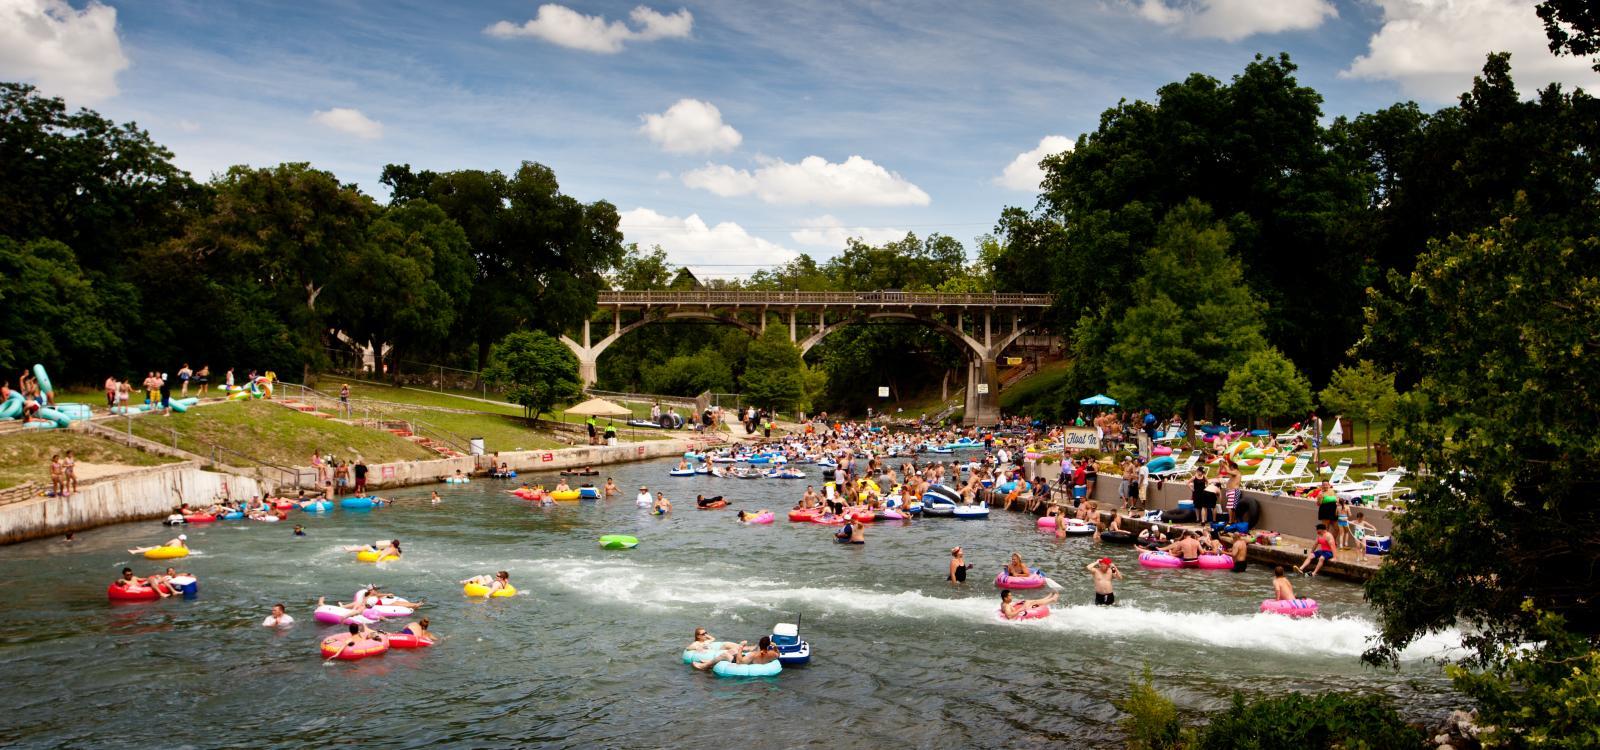 trip planner New Braunfels, restaurant guide Gruene TX, live music New Braunfels,